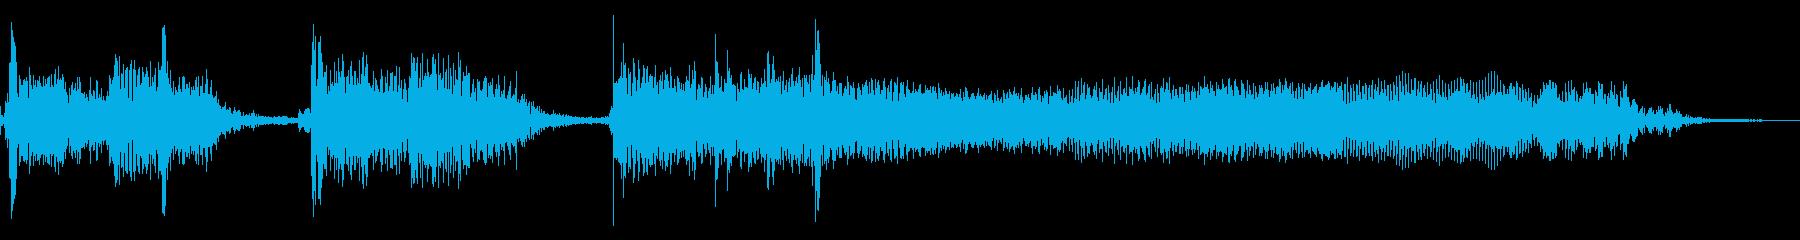 インパクトあるロックなジングル02の再生済みの波形